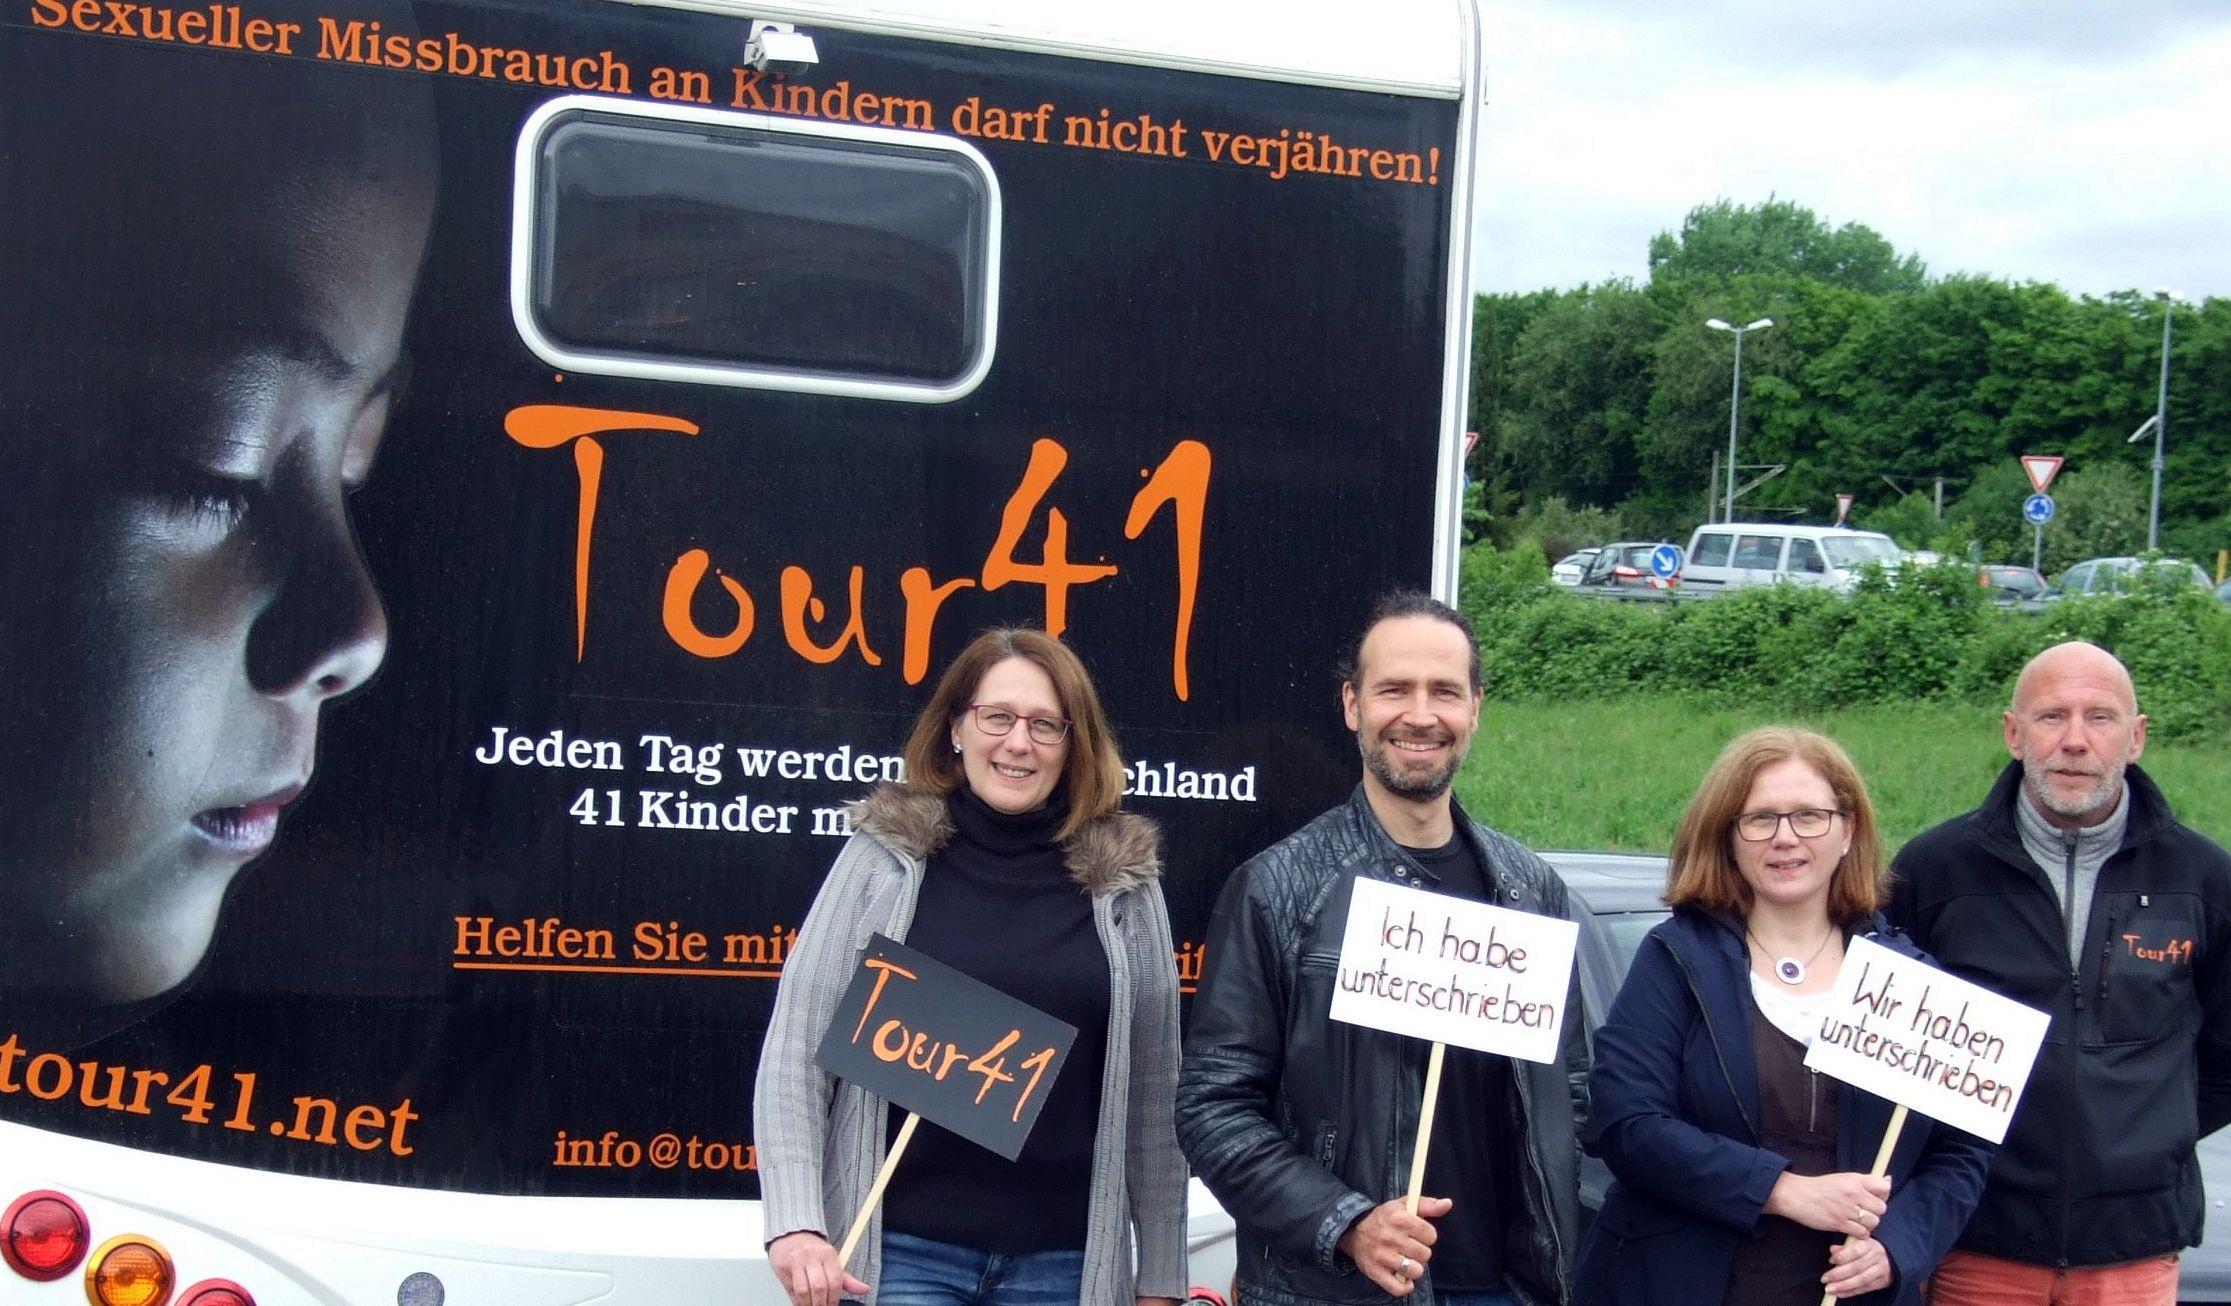 Unterschreiben ist auch online möglich, hier der Link:  tour41.net .